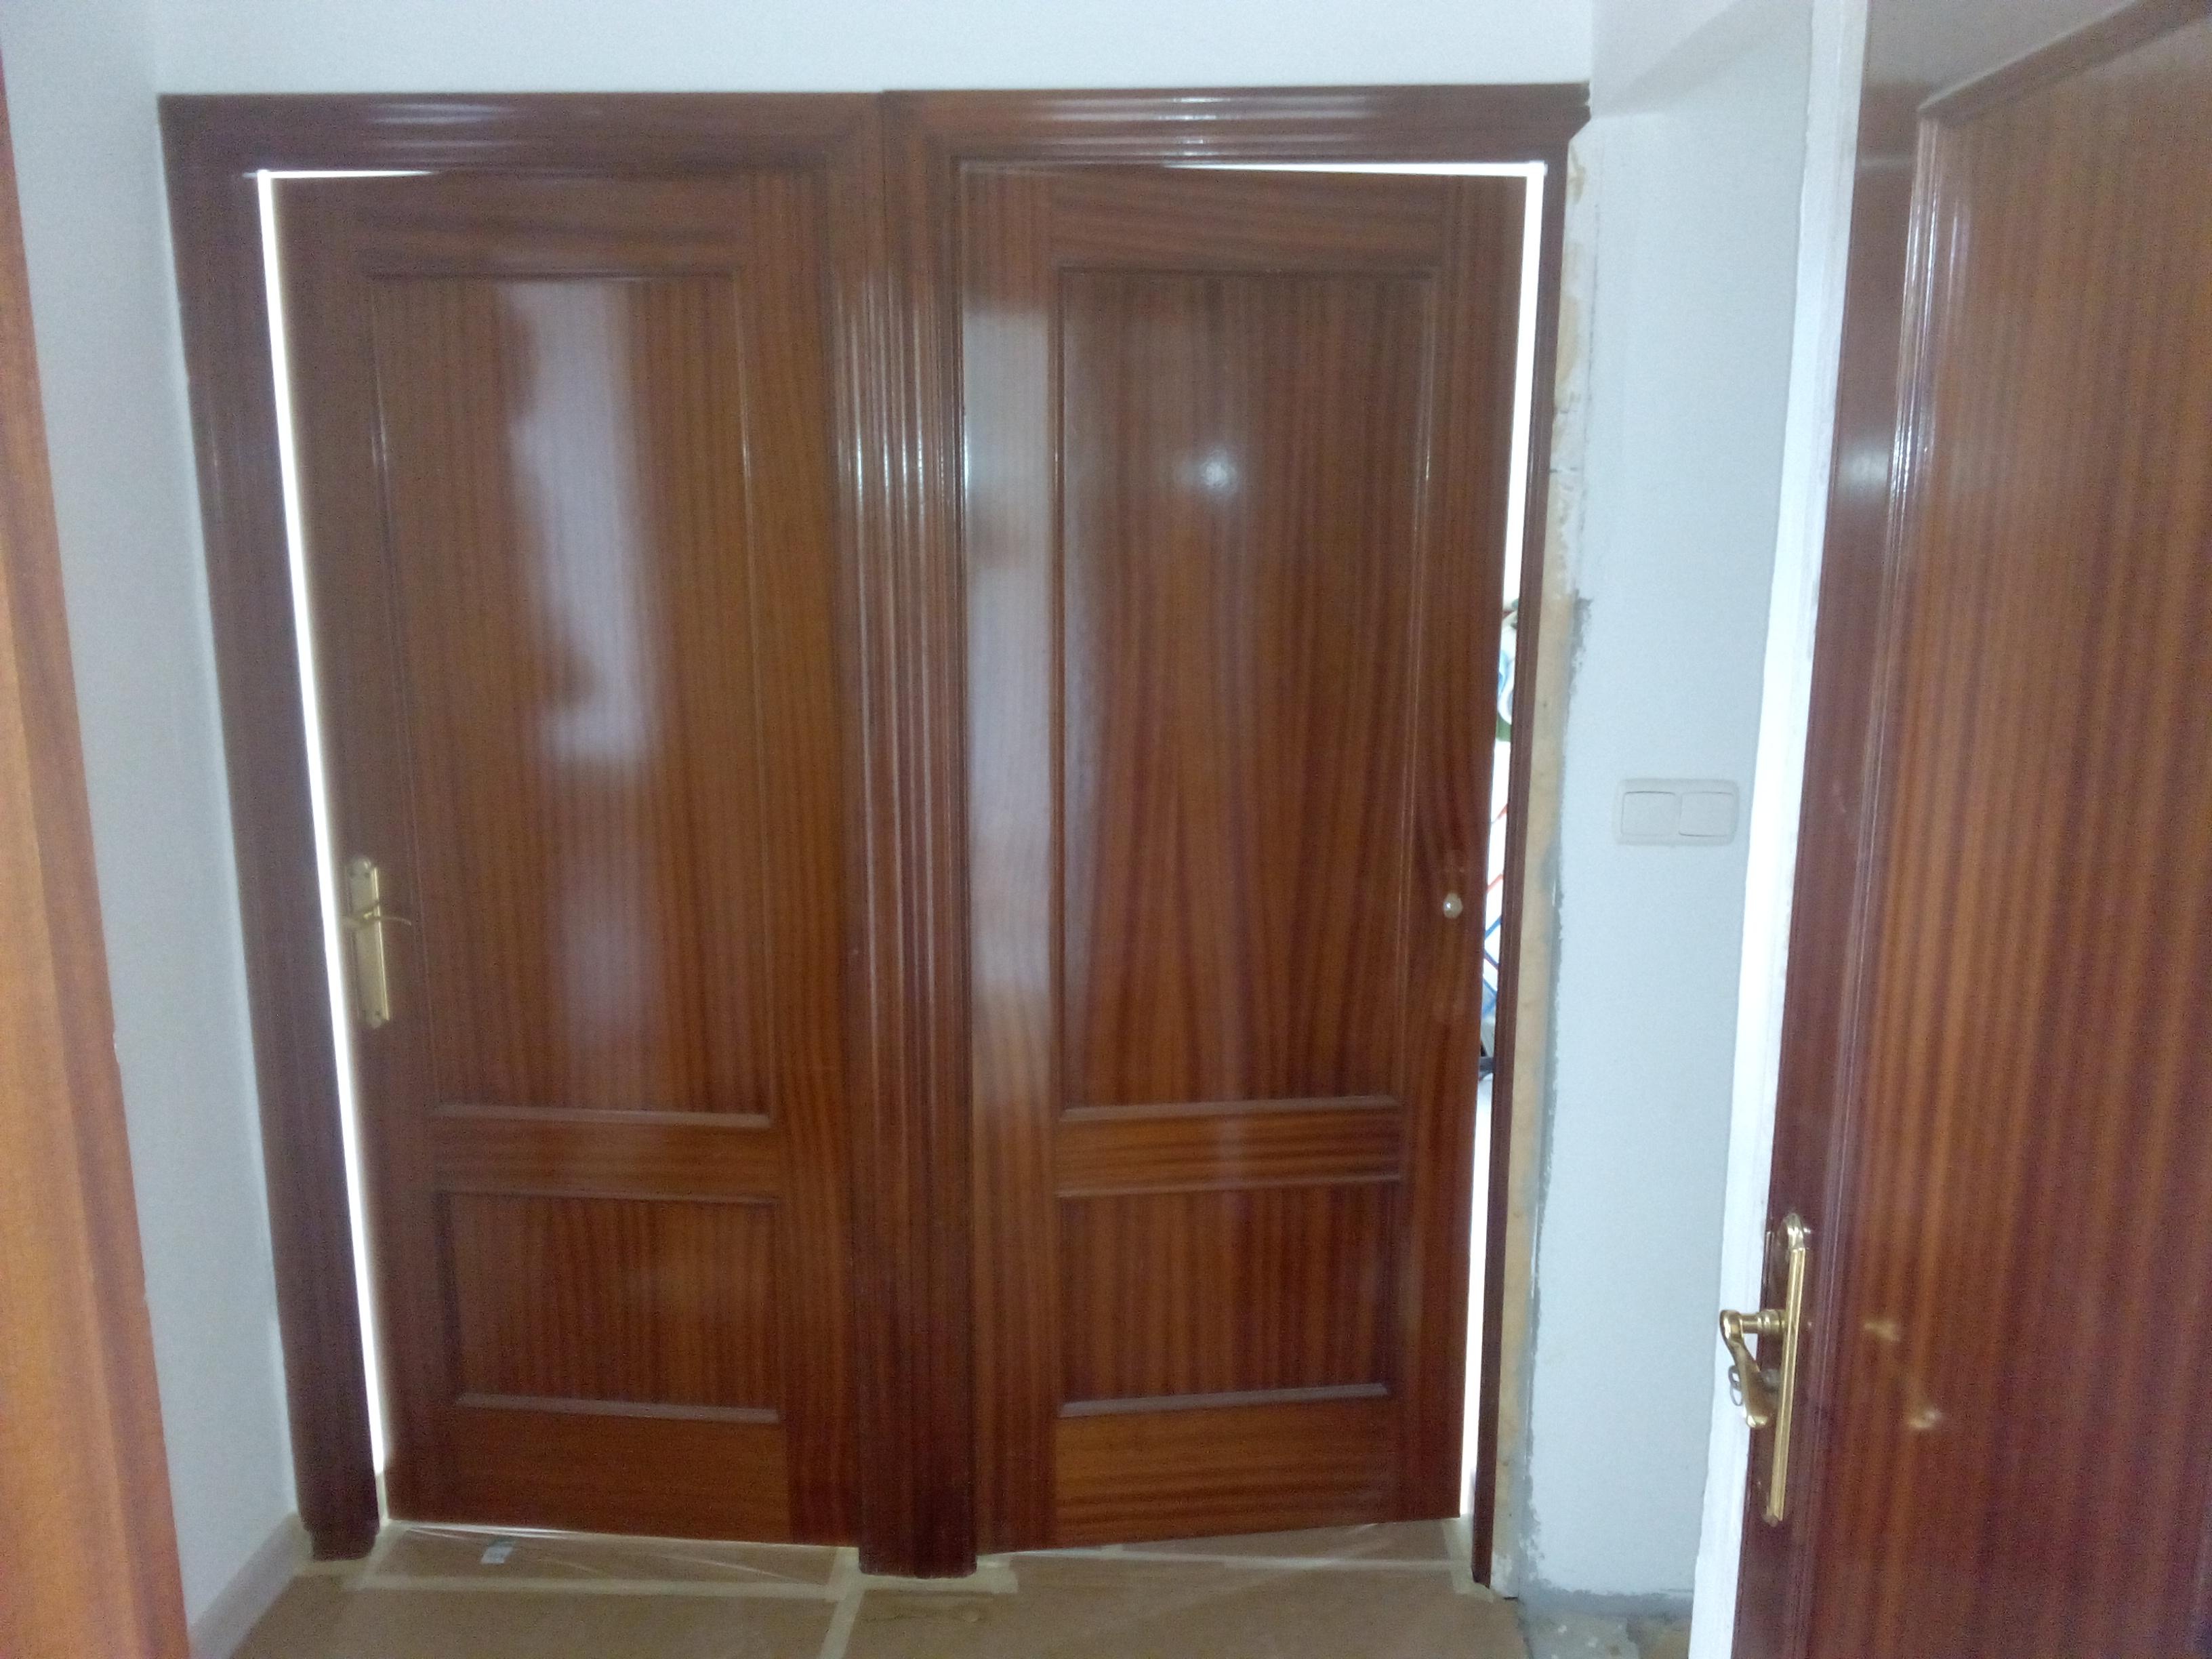 Cuanto cuesta lacar puertas trendy excellent carmosur - Cuanto cuesta lacar un mueble ...